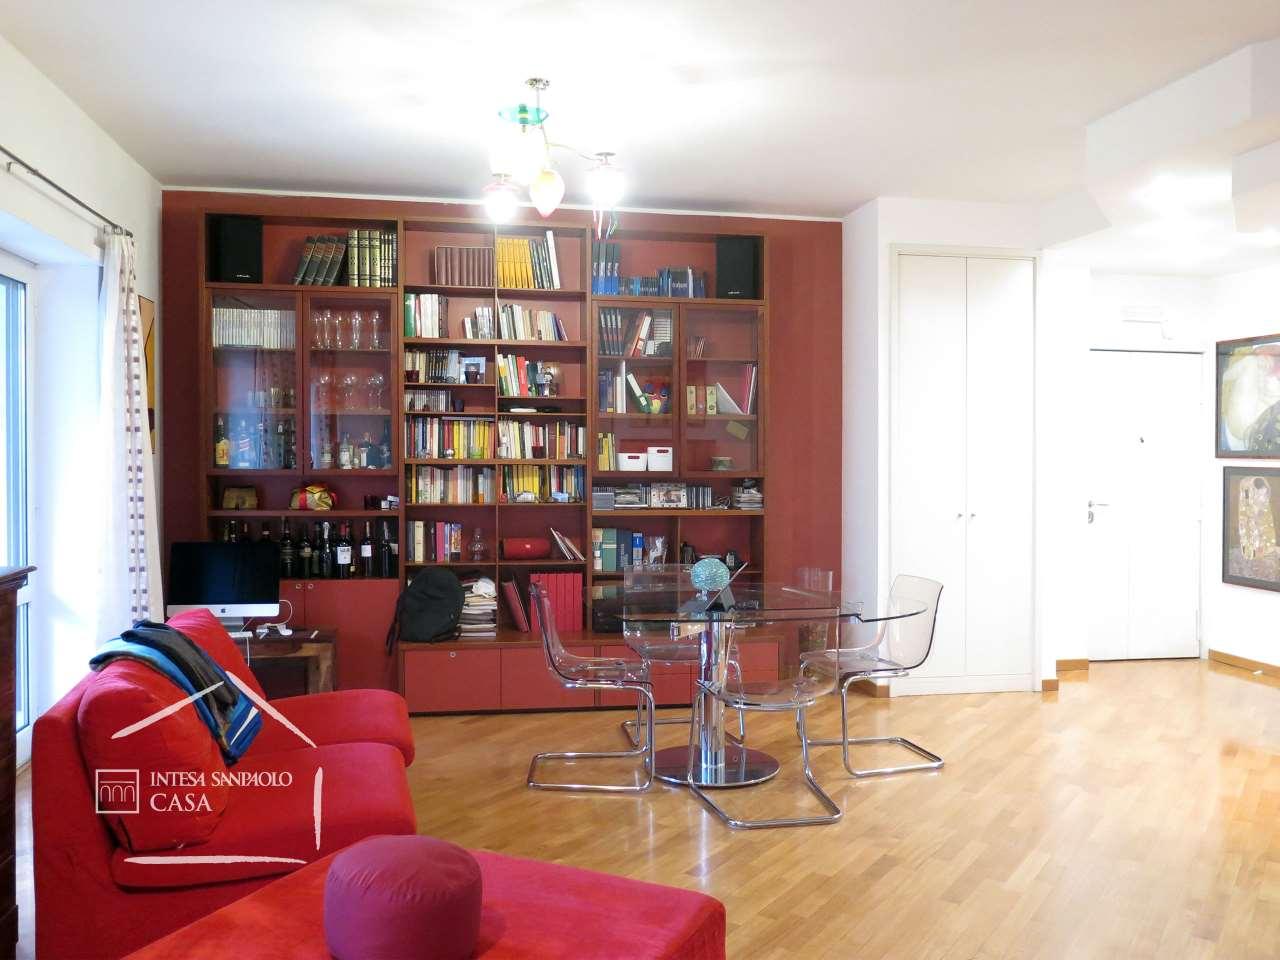 Appartamento in Vendita a Napoli: 4 locali, 121 mq - Foto 3